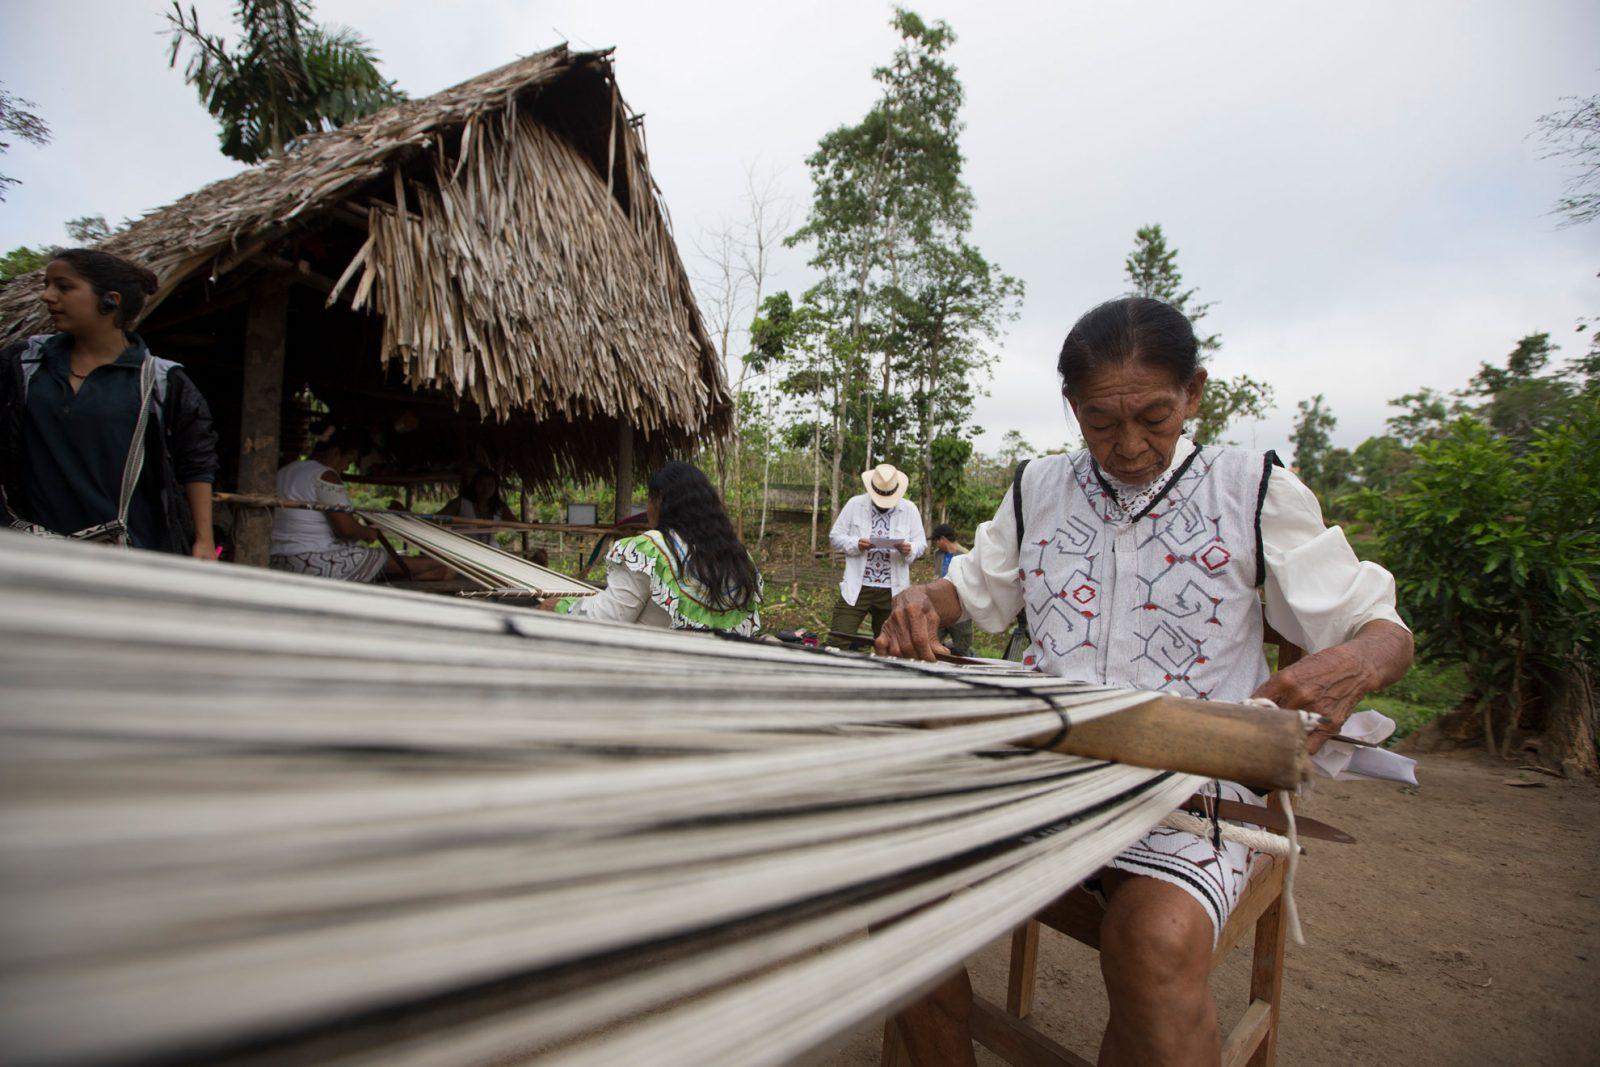 El desarrollo llegó para todo el Perú y ese es nuestro legado